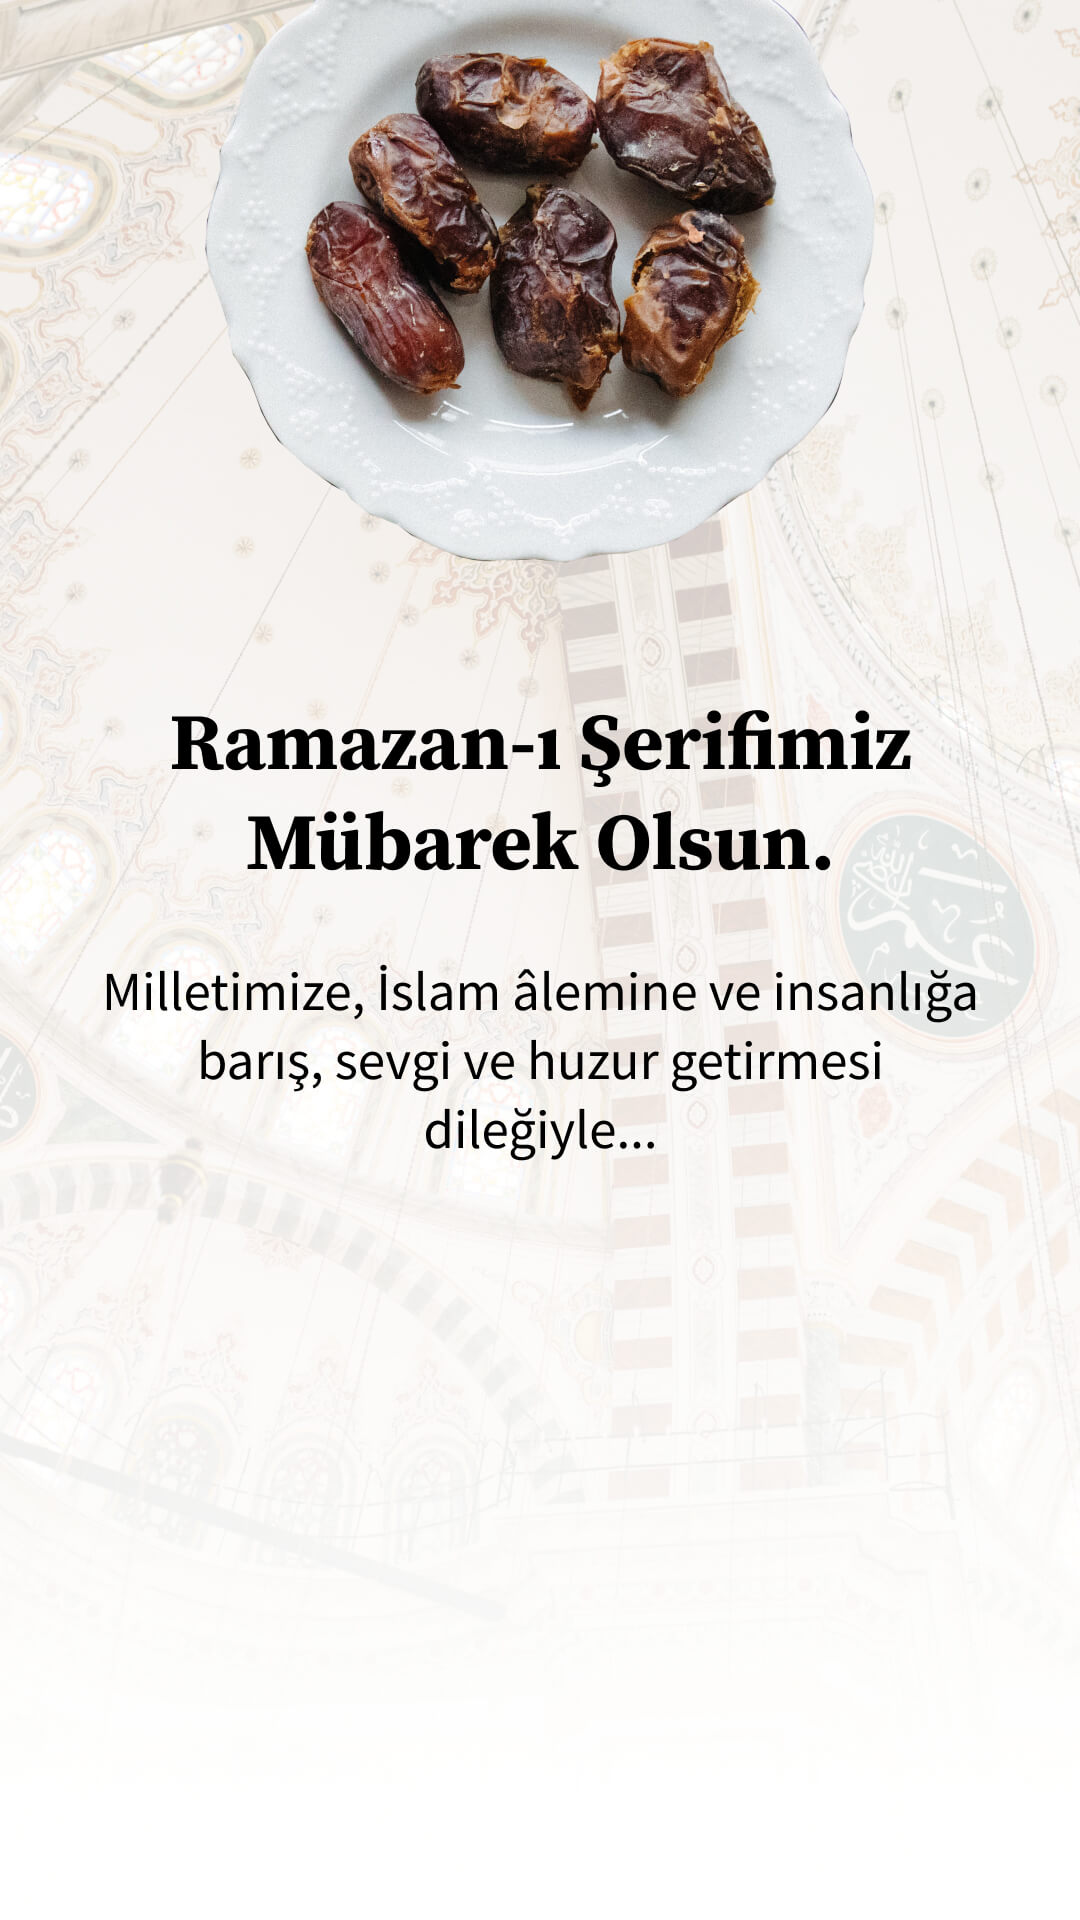 Ramazan-i şerifimiz mübarek olsun